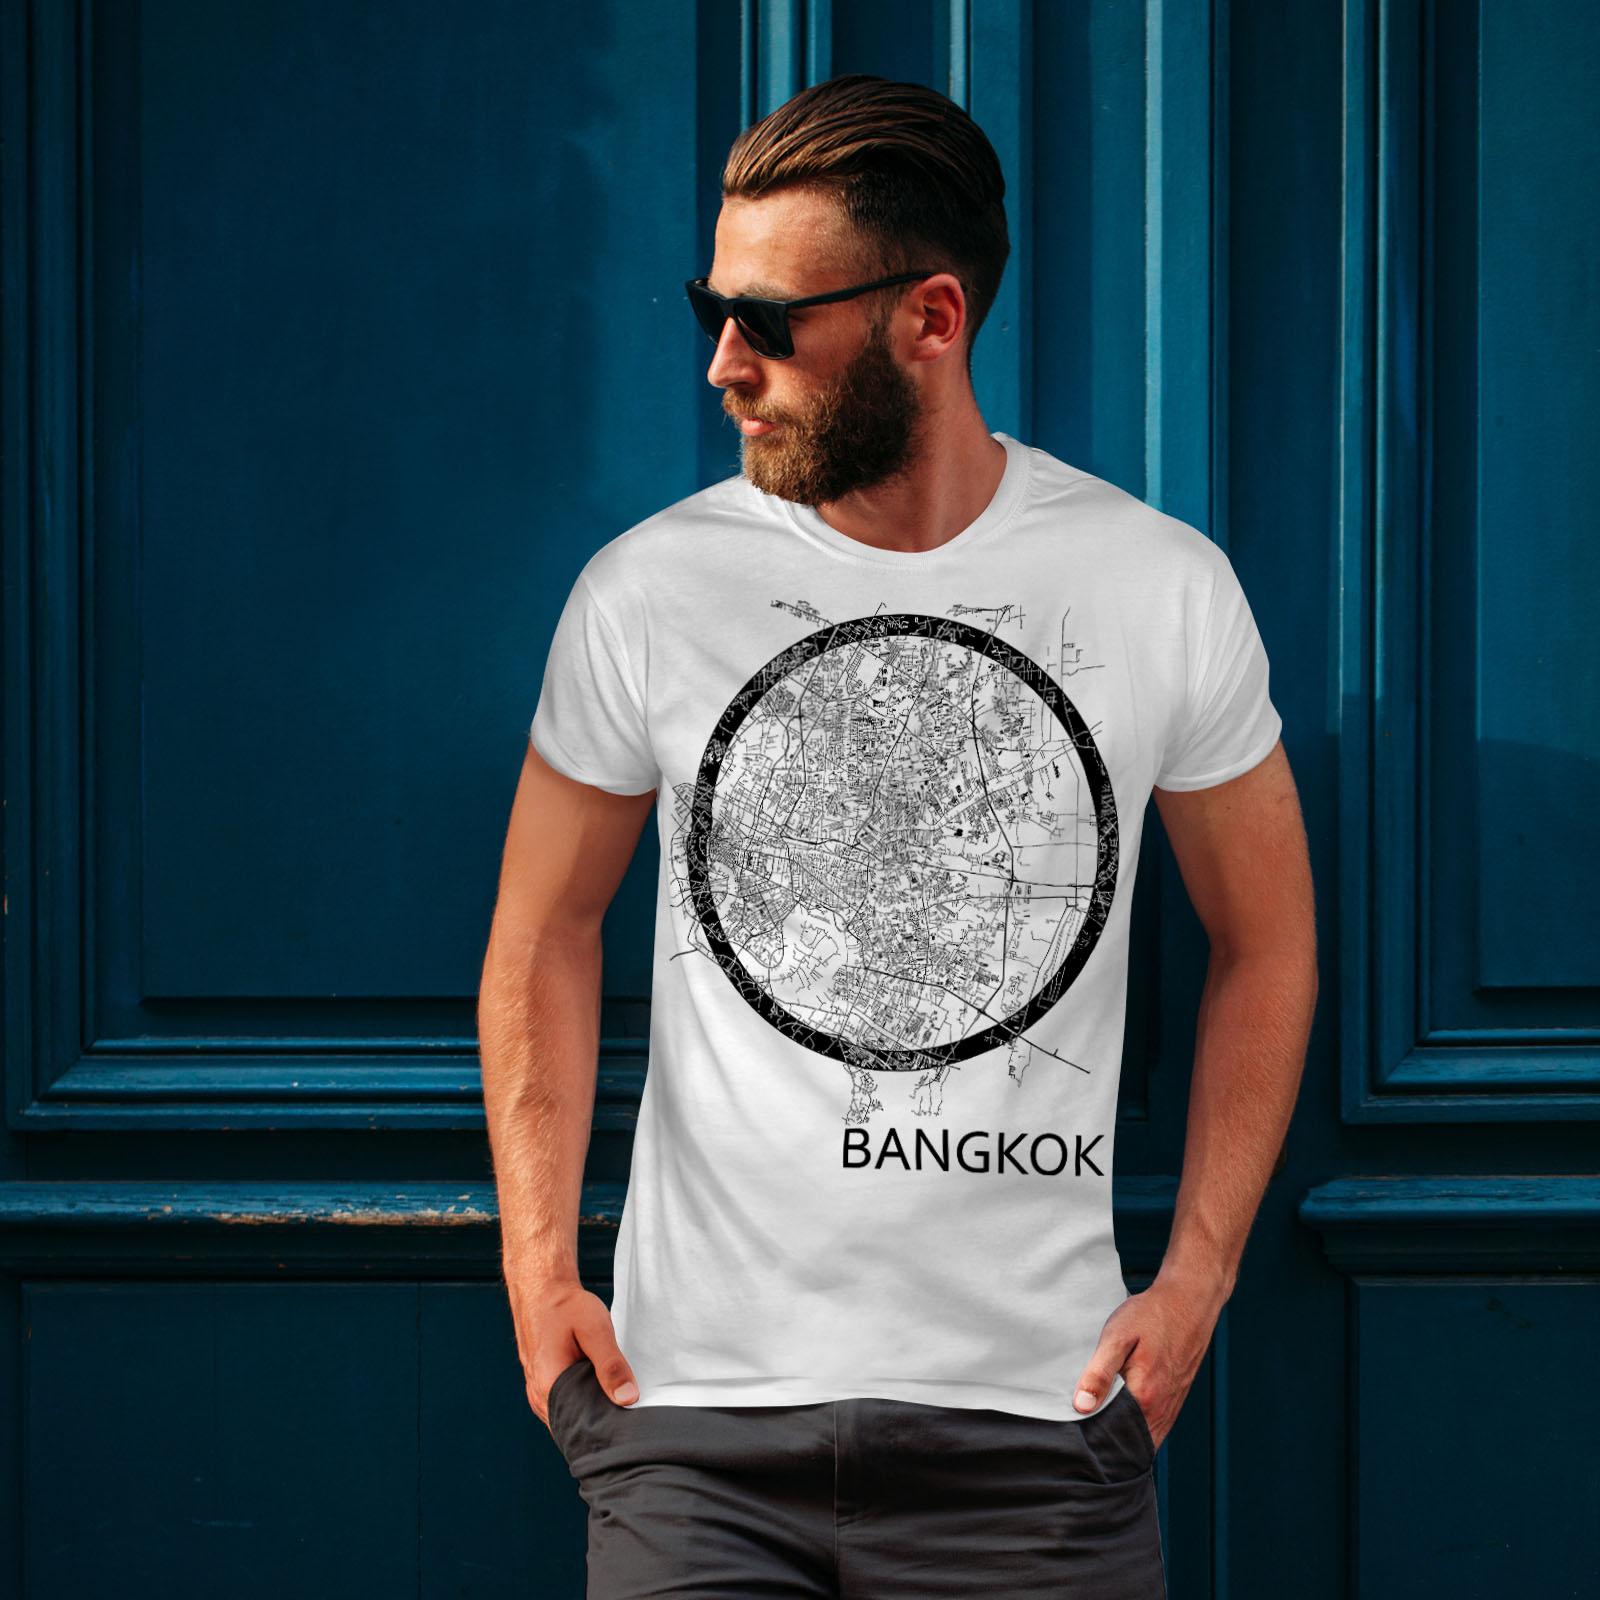 Wellcoda-Thailand-Bangkok-Map-Mens-T-shirt-Big-Graphic-Design-Printed-Tee thumbnail 10